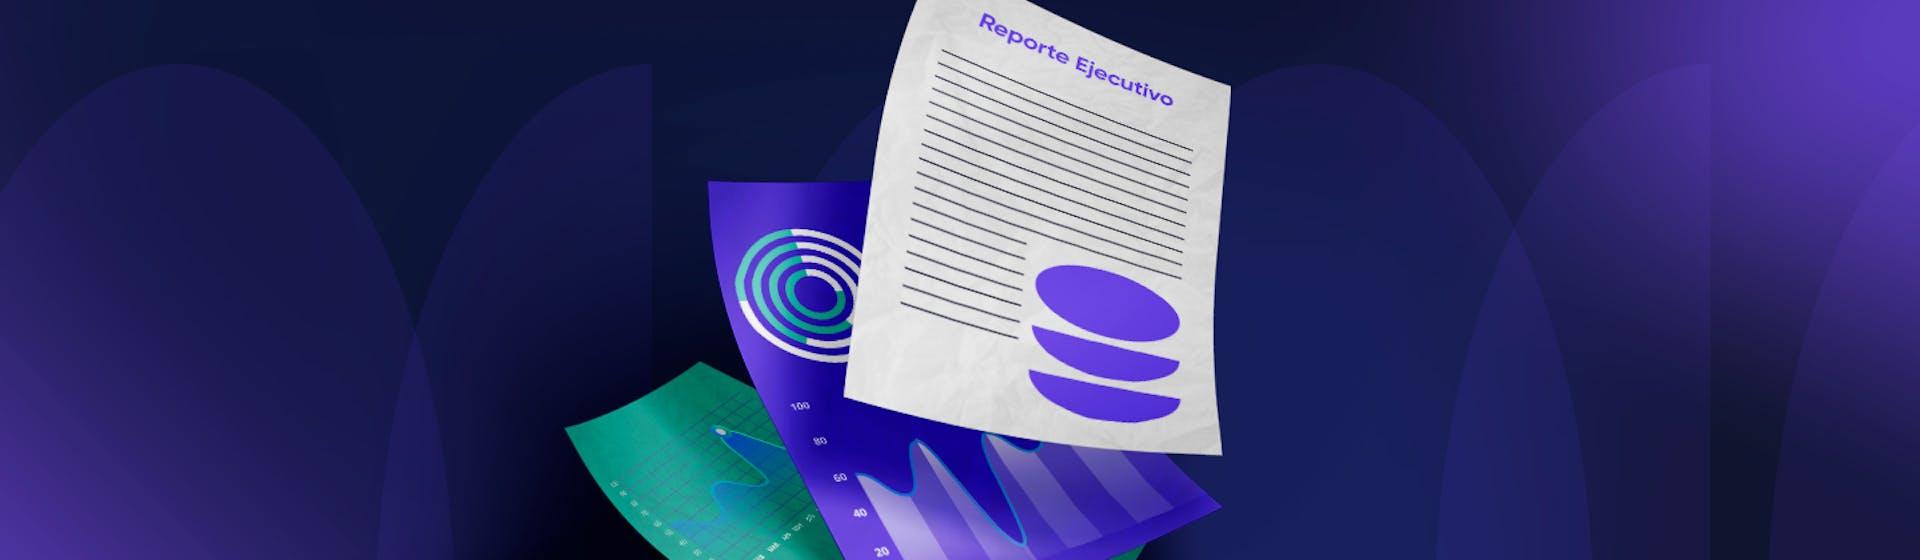 ¿Cómo elaborar un reporte ejecutivo? + Plantilla para descargar